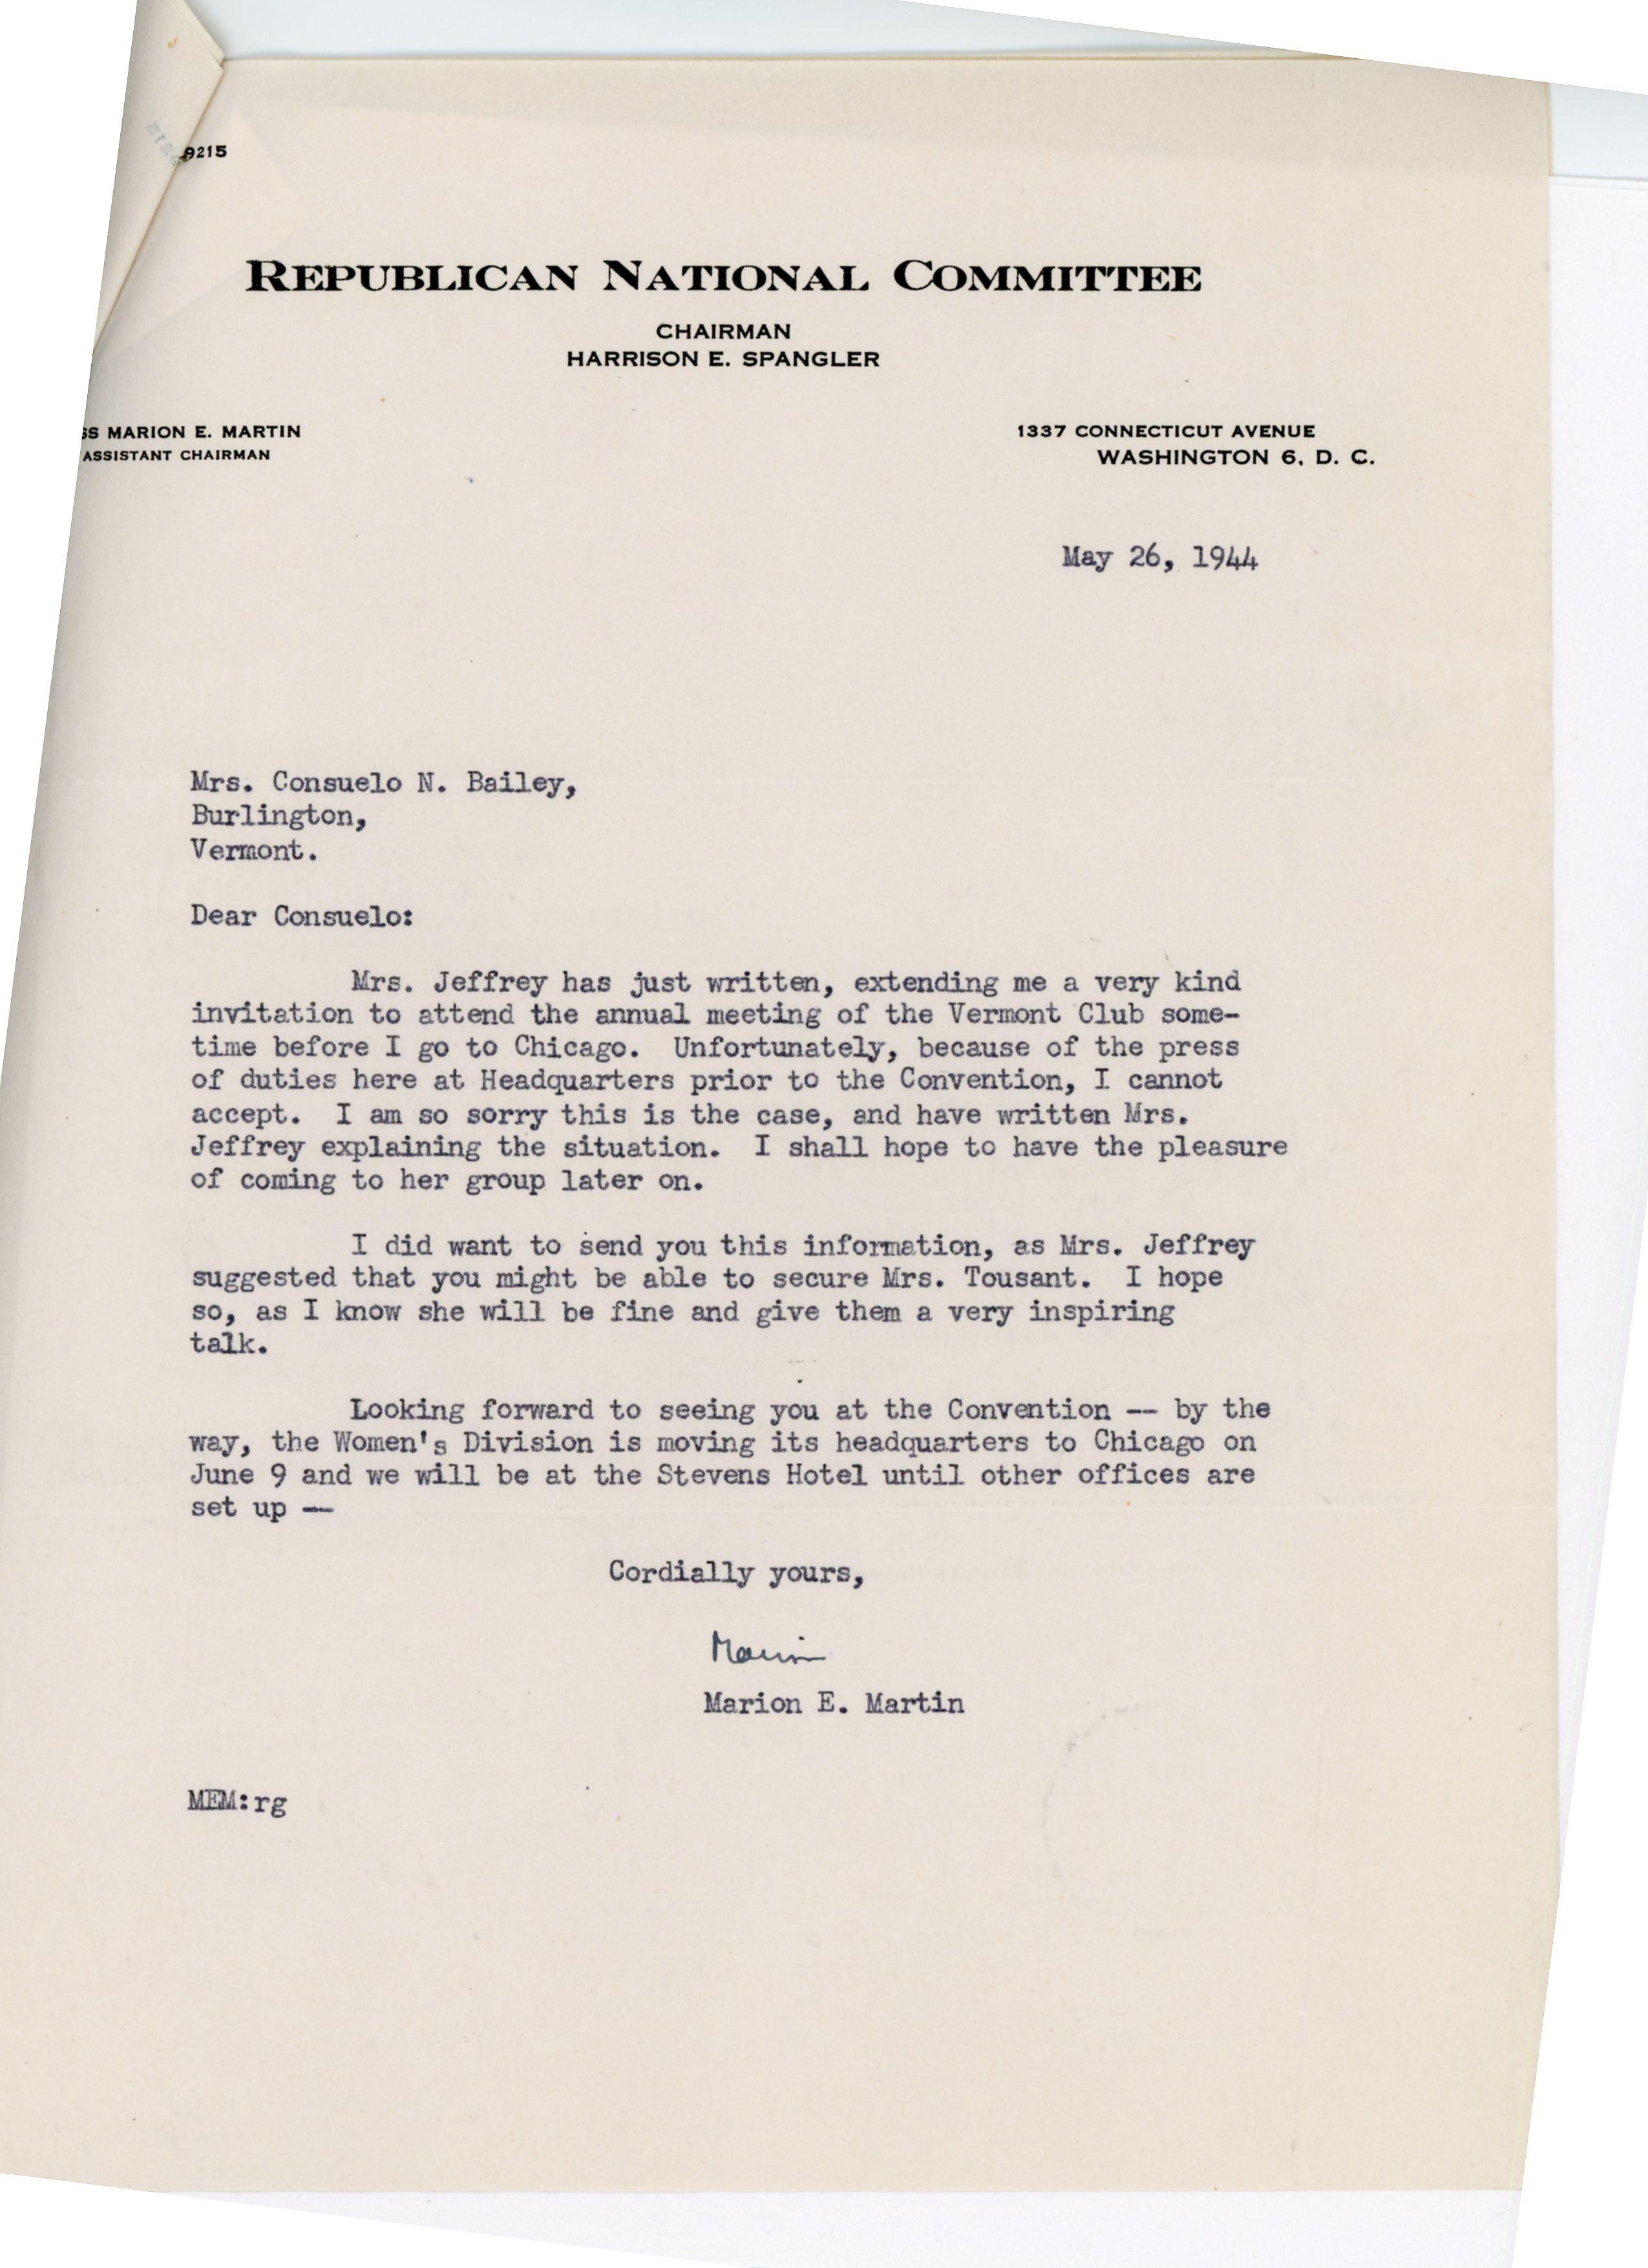 Marion E. Martin to Consuelo N. Bailey 1944 May 26